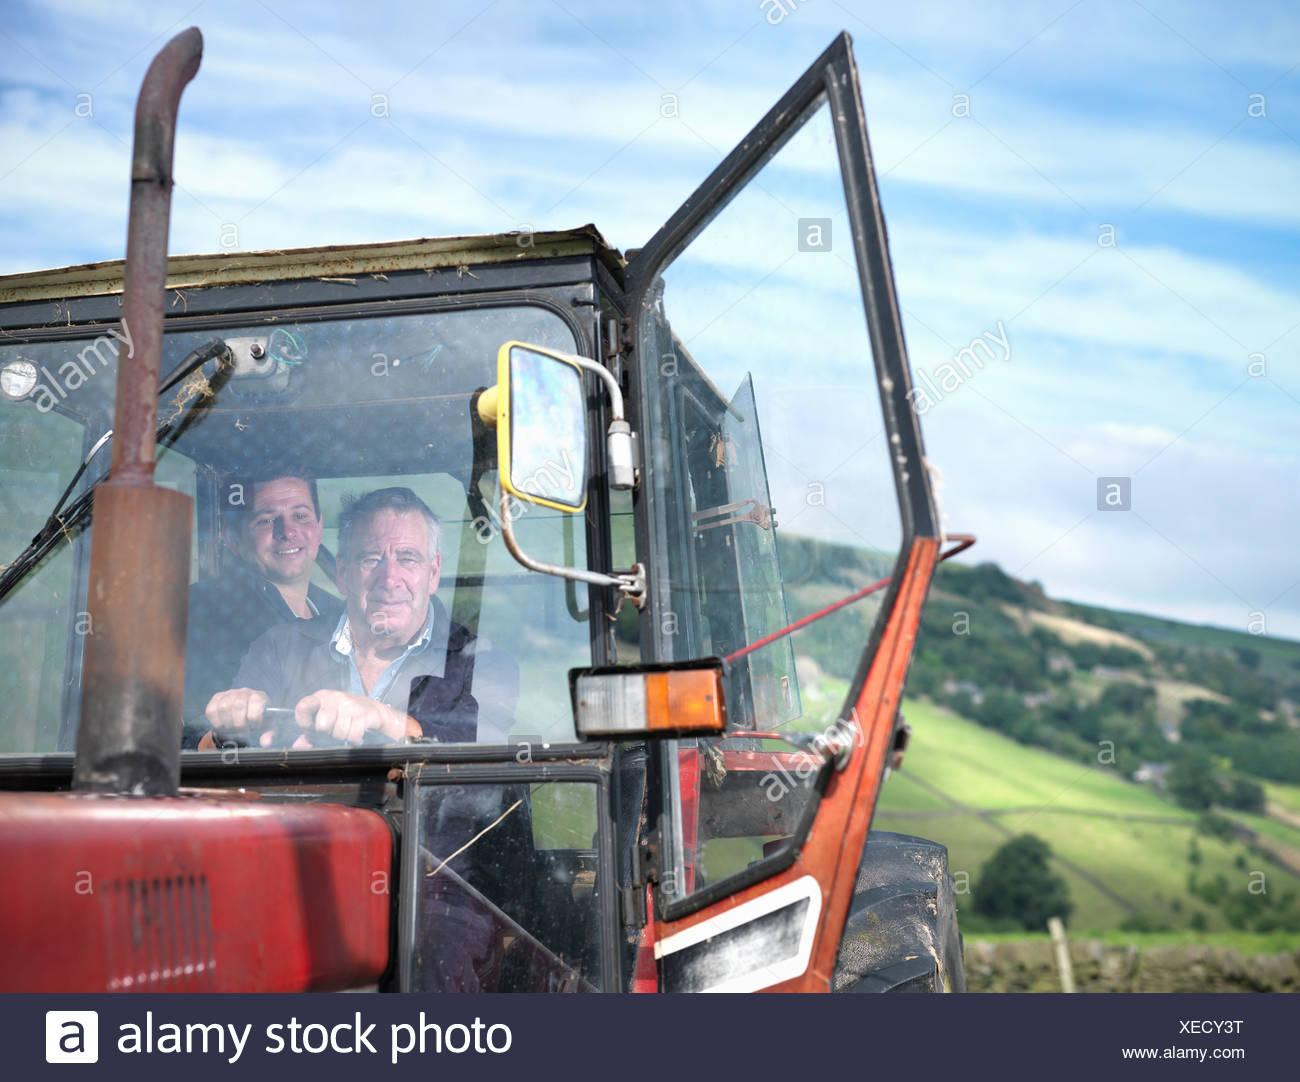 Bauer und Sohn in Traktorkabine, Porträt Stockbild